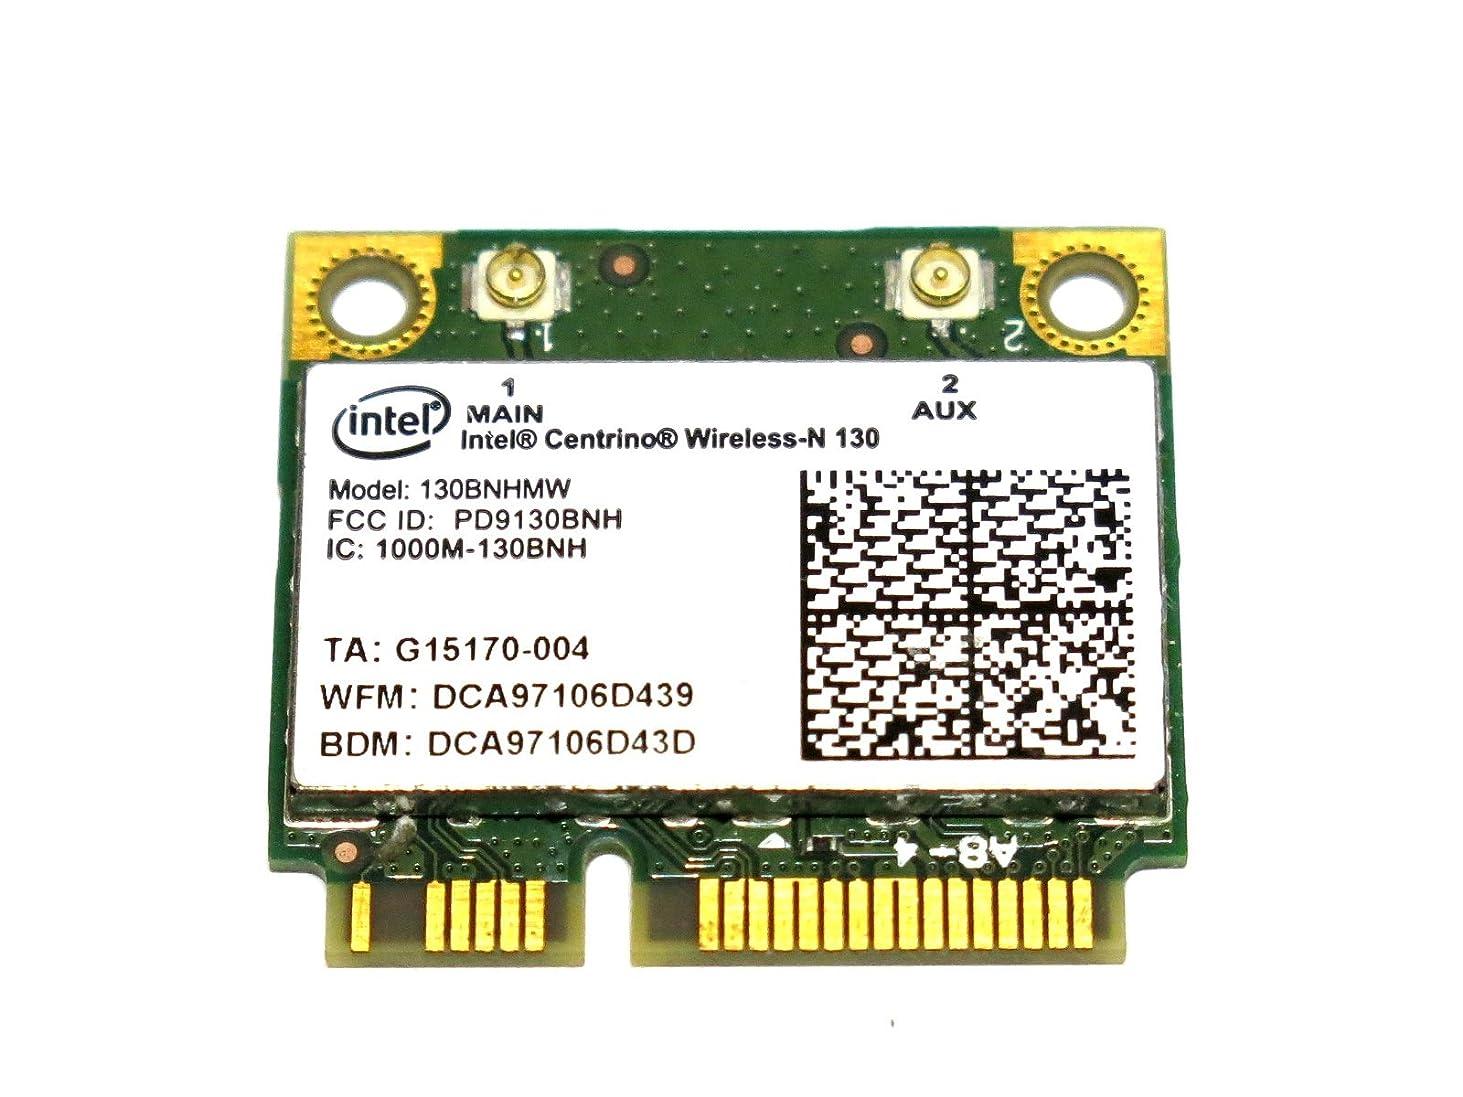 悪名高いカロリー会議Intel Centrino Wireless-N 130 802.11bgn 150Mbps + Bluetooth 3.0 130BNHMW